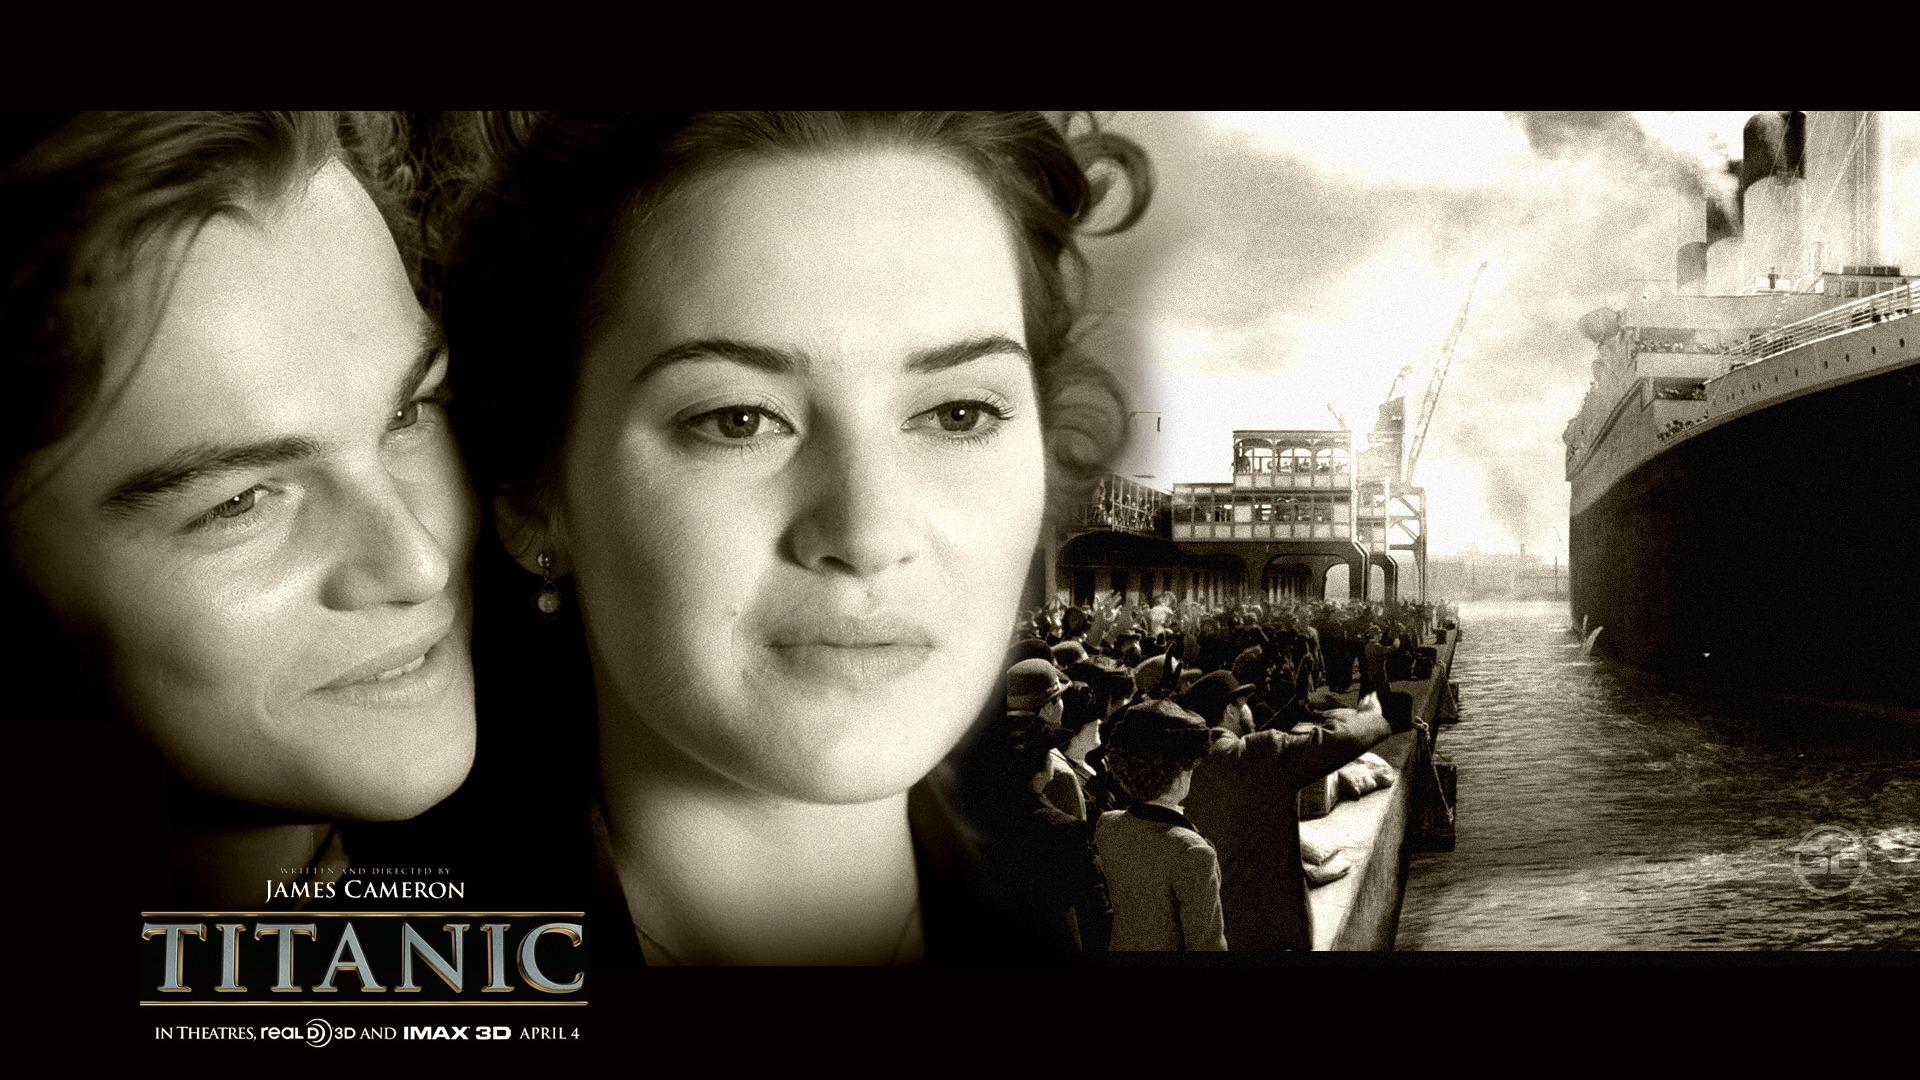 Titanic Songs - All Songs of Titanic - DesiMartini